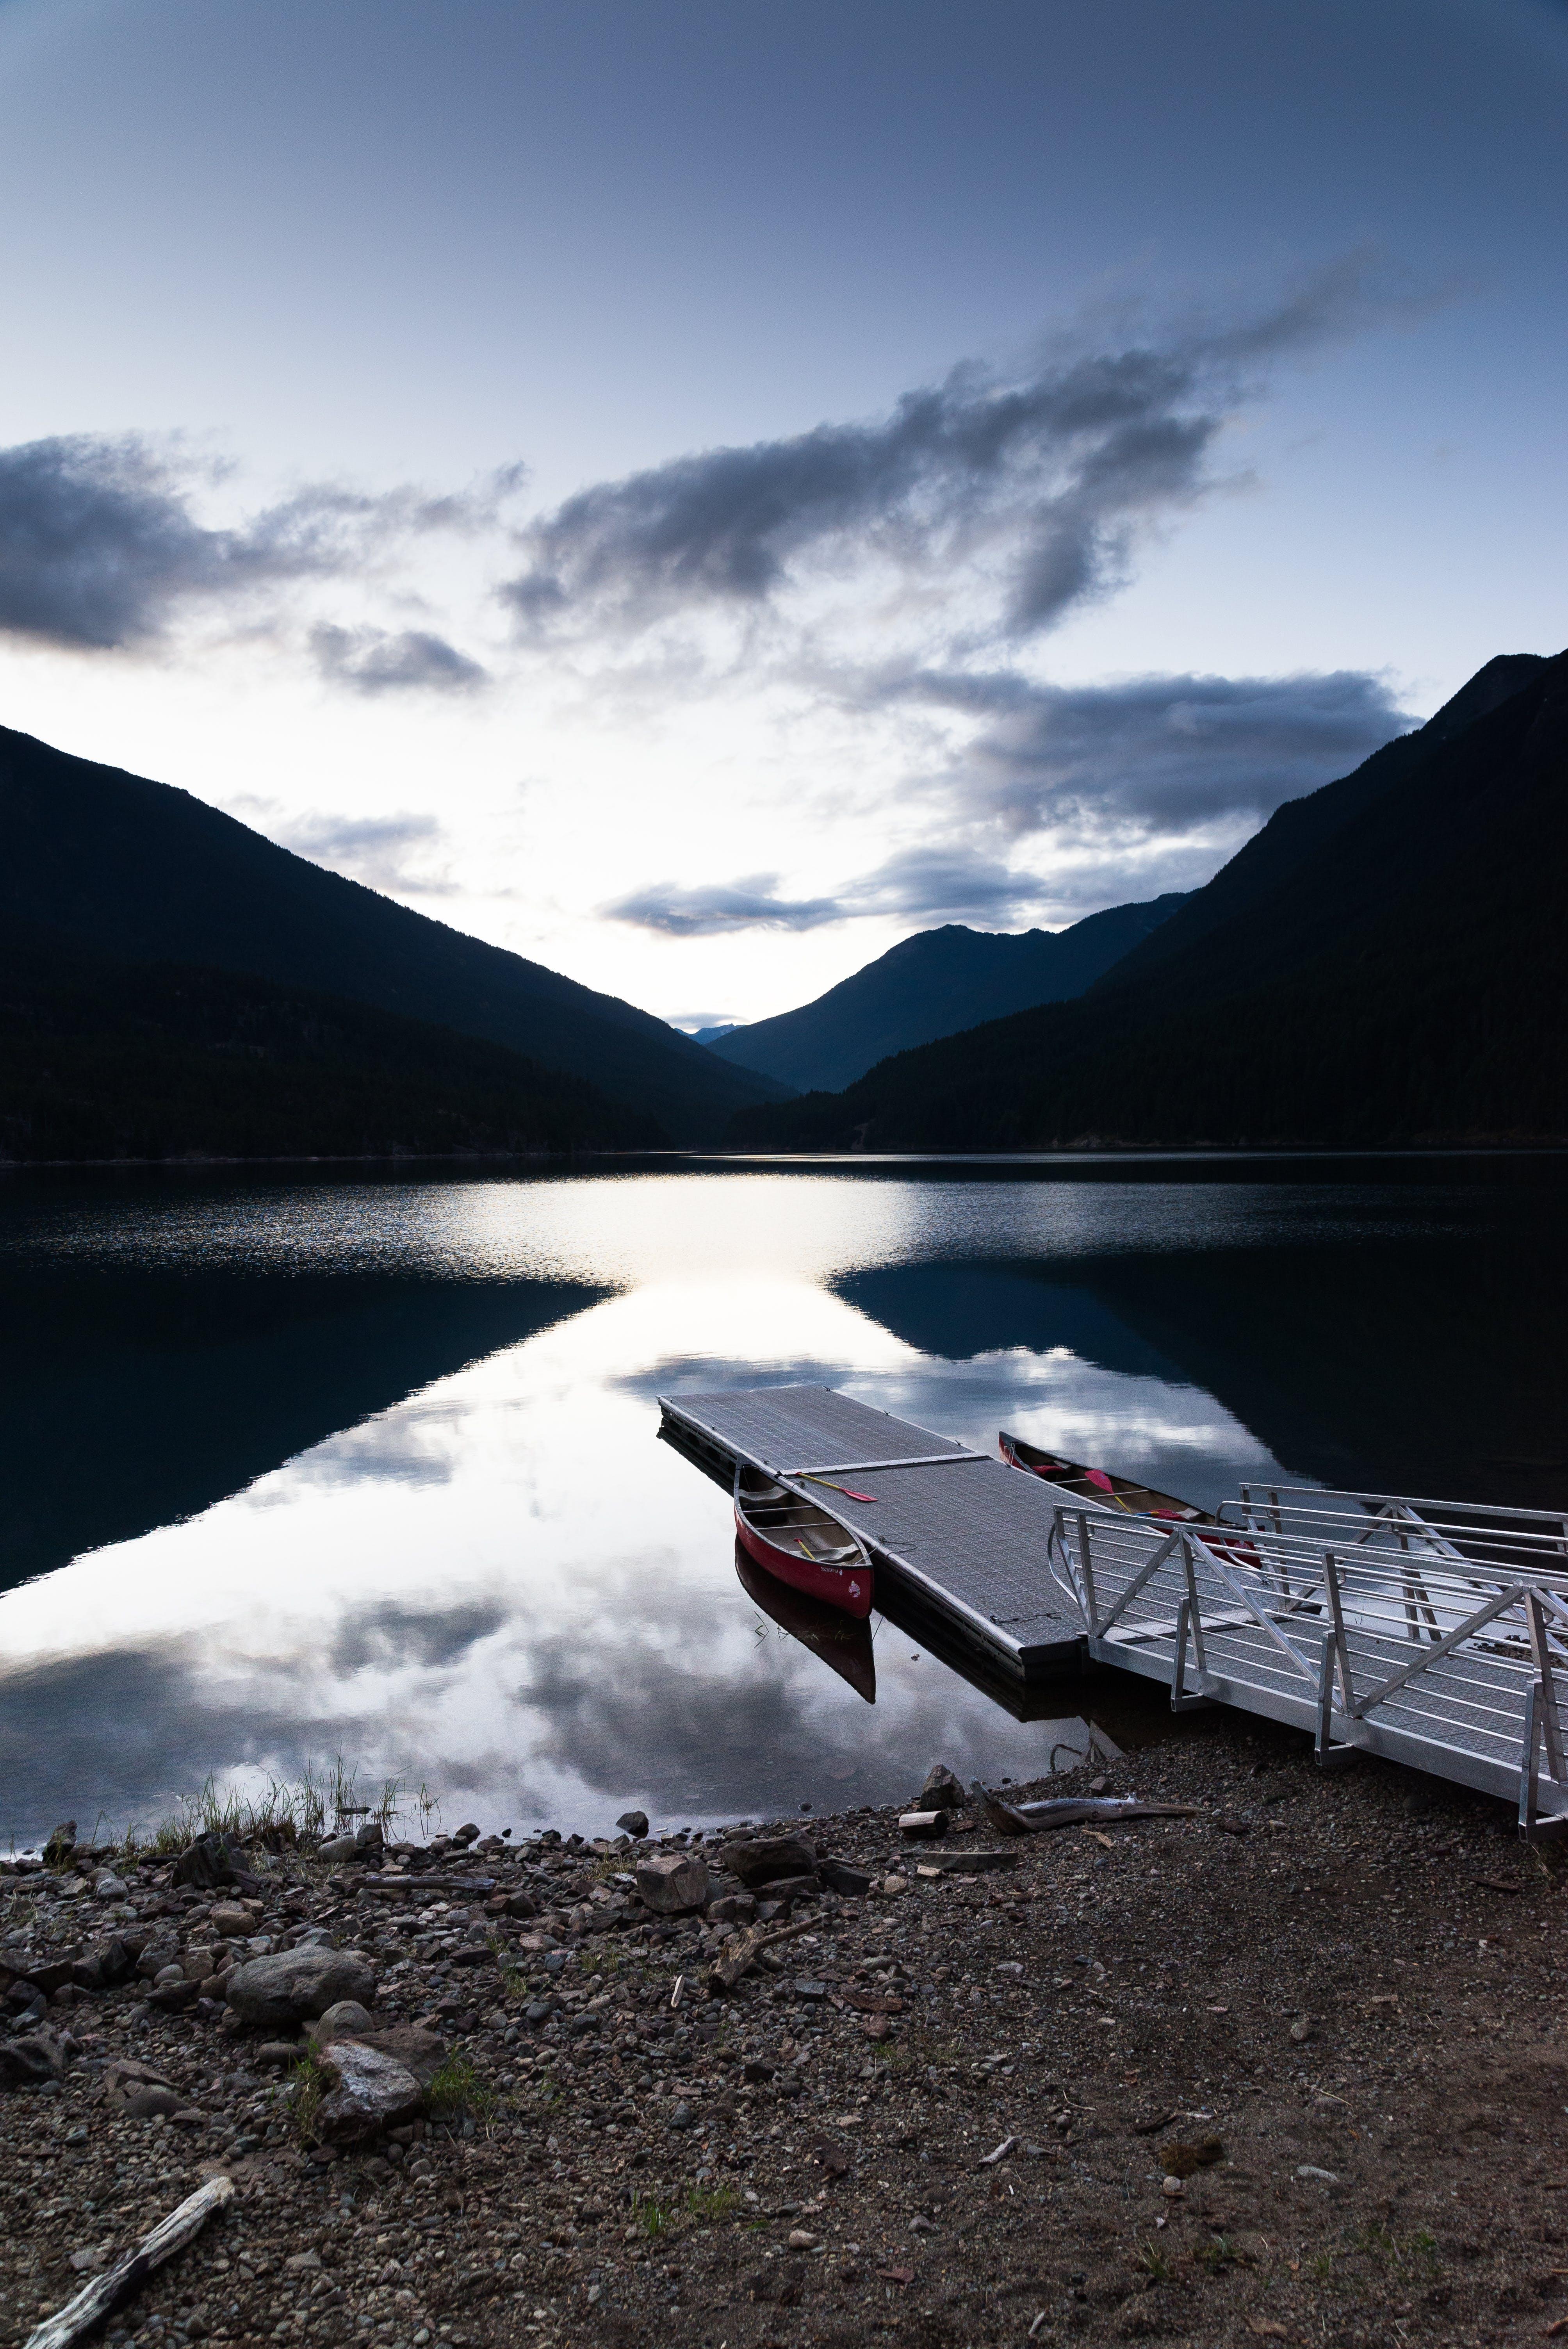 Gratis lagerfoto af havn, kano